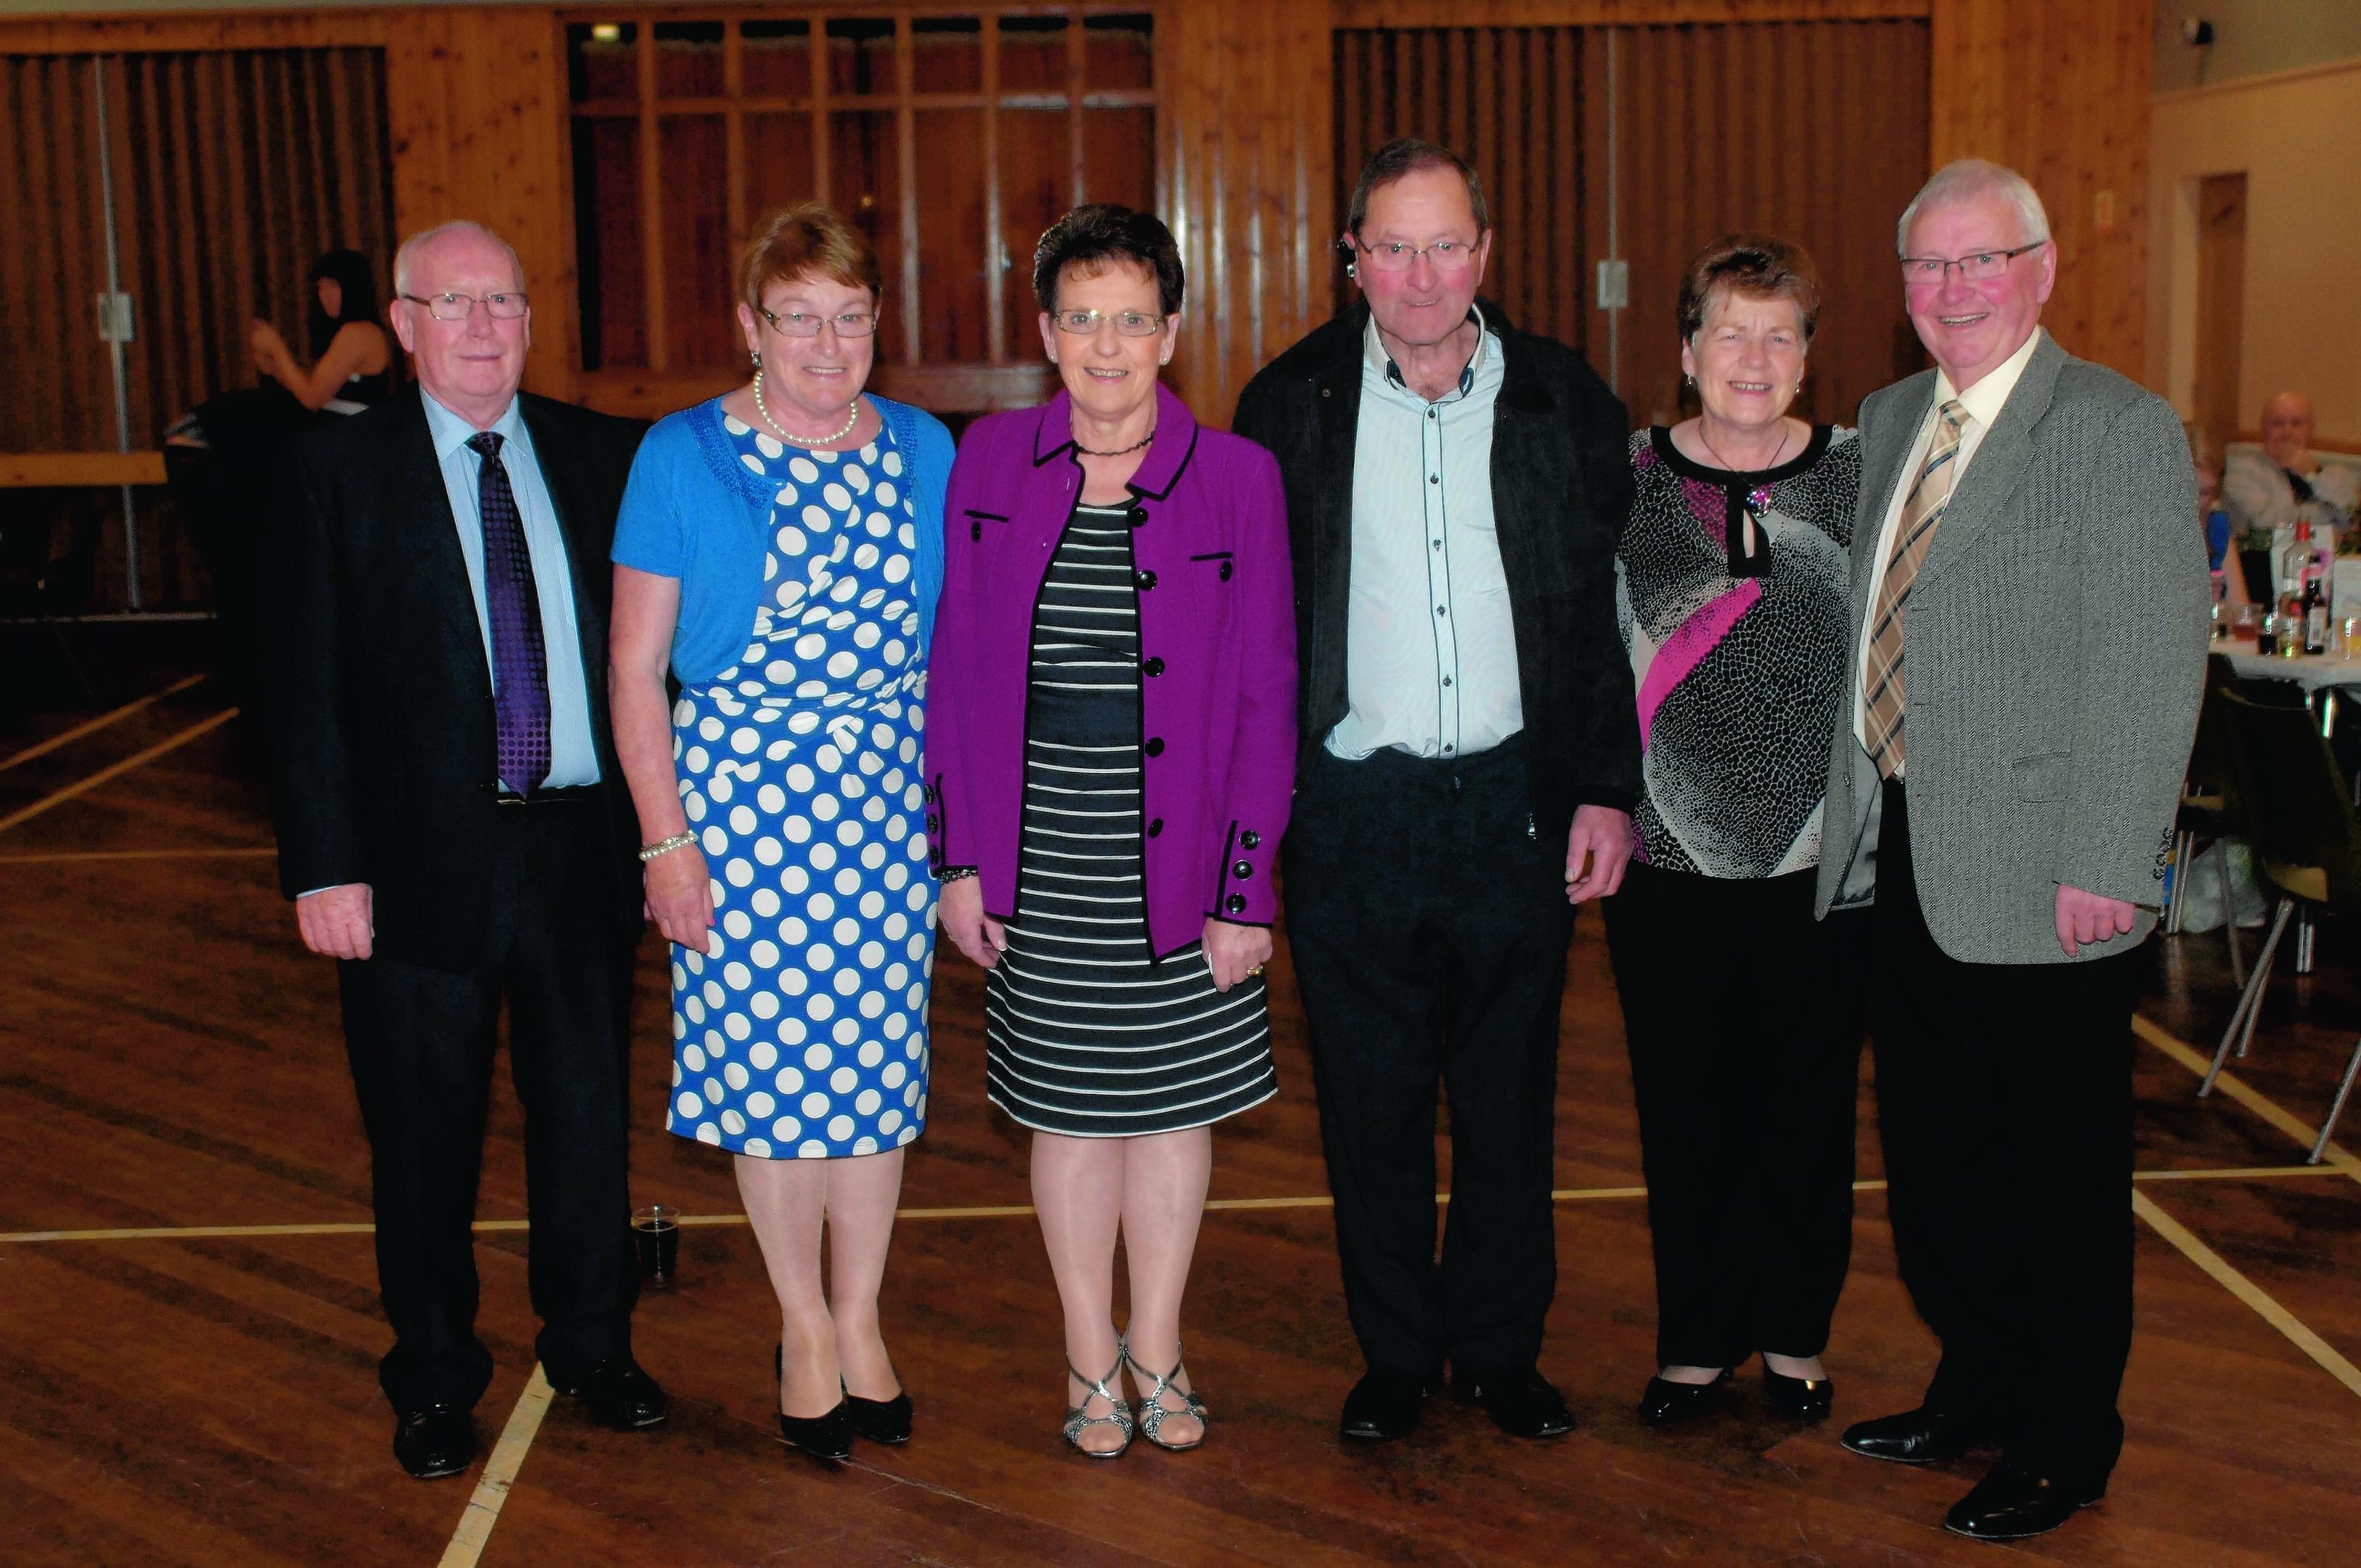 Jimmy Hepburn, Margaret Hepburn, Ena Robertson, Will Robertson, Ronnie Aiken and Brenda Aiken